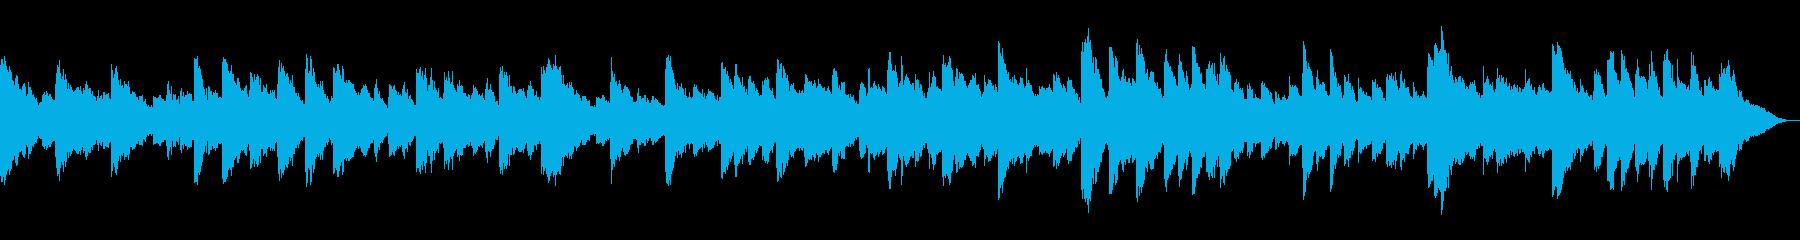 リラックス有名クラシック lofiピアノの再生済みの波形